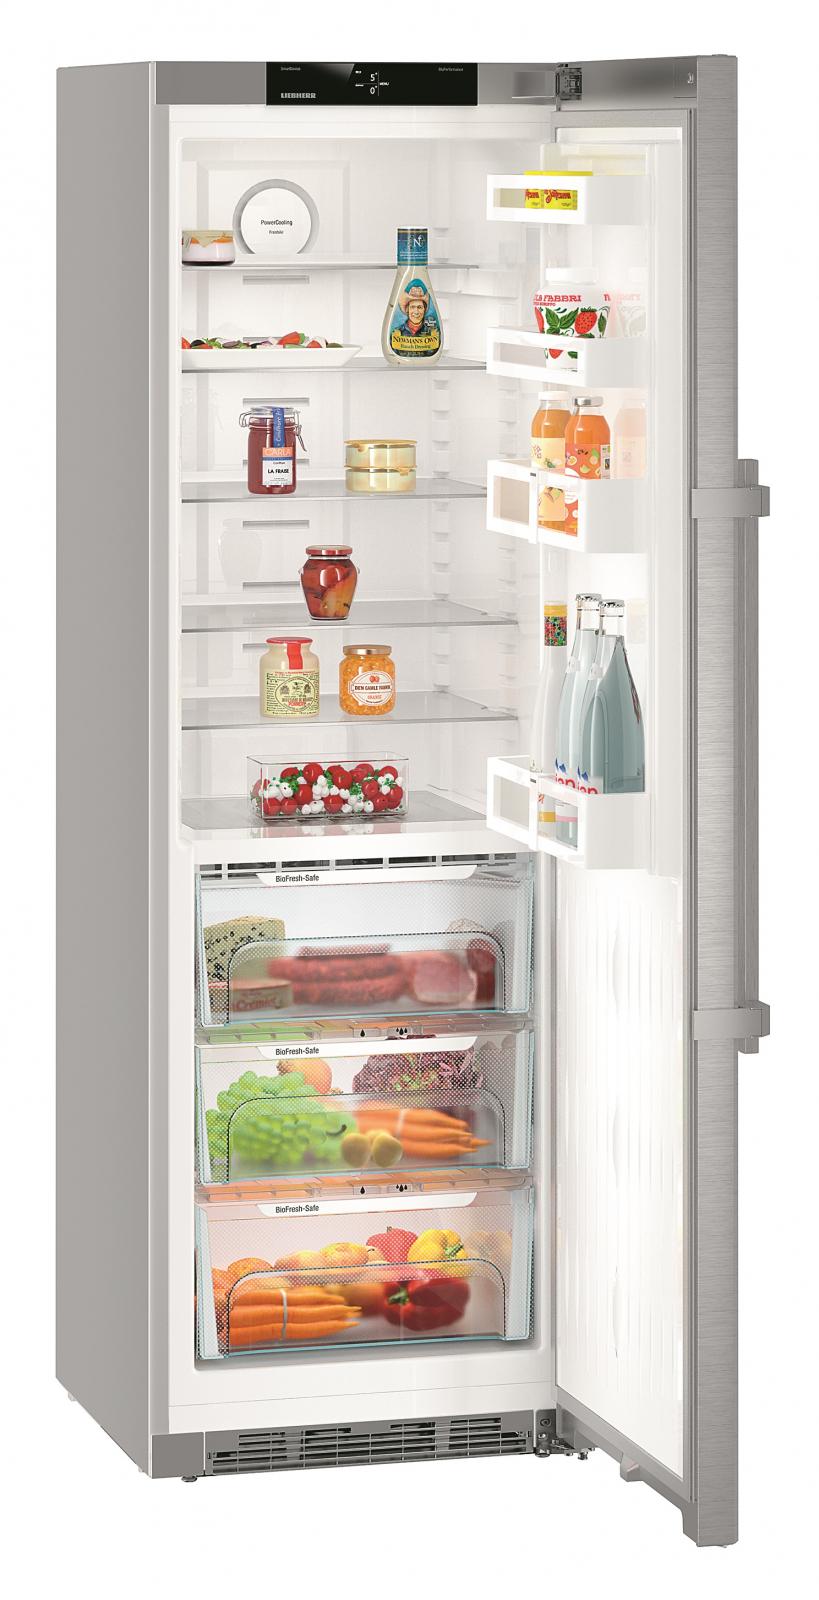 Однокамерный холодильник Liebherr KBef 4310 купить украина